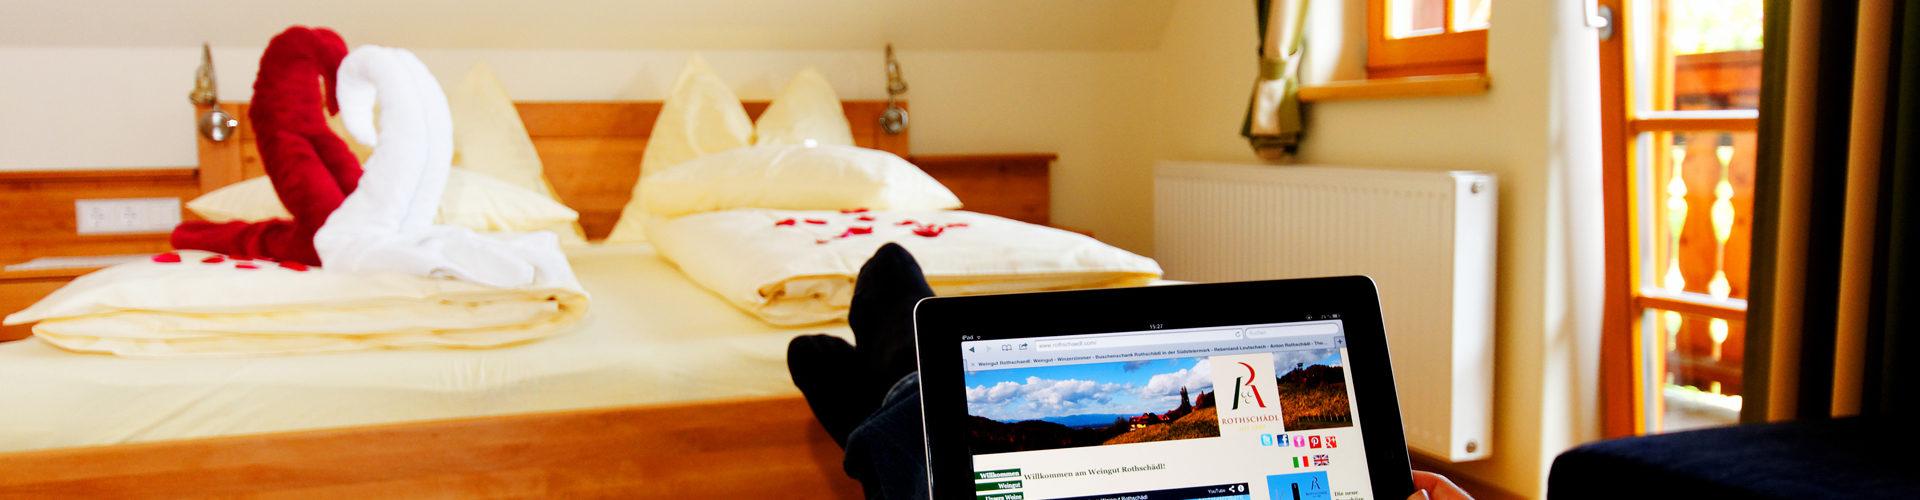 Gratis W-Lan Internet in den wunderschönen und hochwertigen Winzerzimmern.